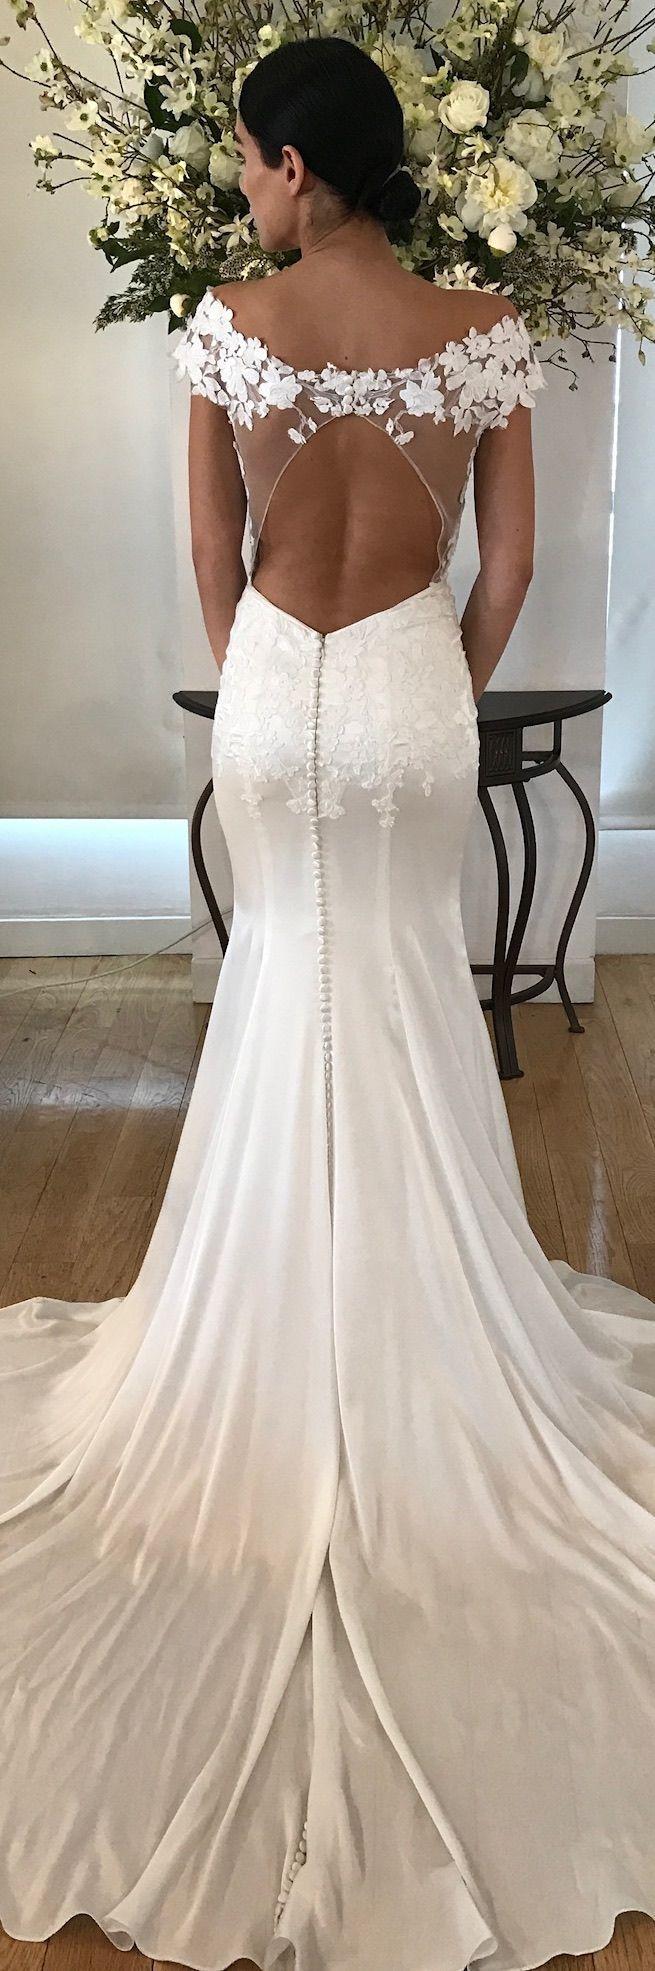 Emilia wedding dress by kelly faetanini silk stretch sating fit